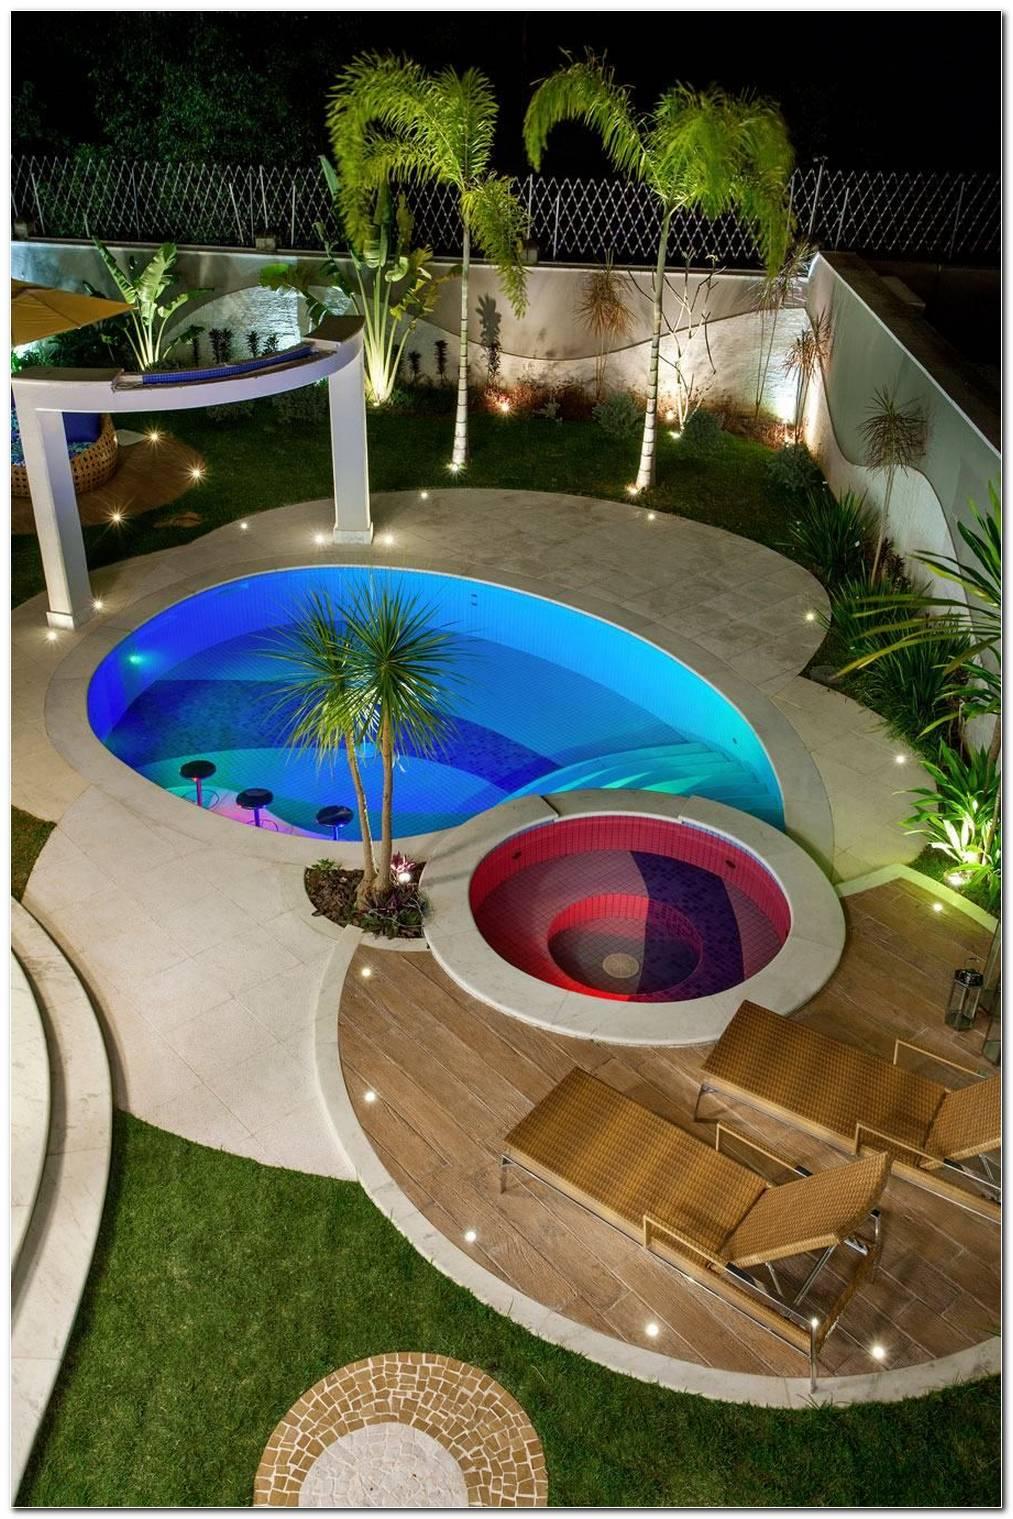 Jardim Com Piscina 25 Fotos Incríveis De Modelos Em Todos Os Estilos Que Vão Combinar Com Sua Casa